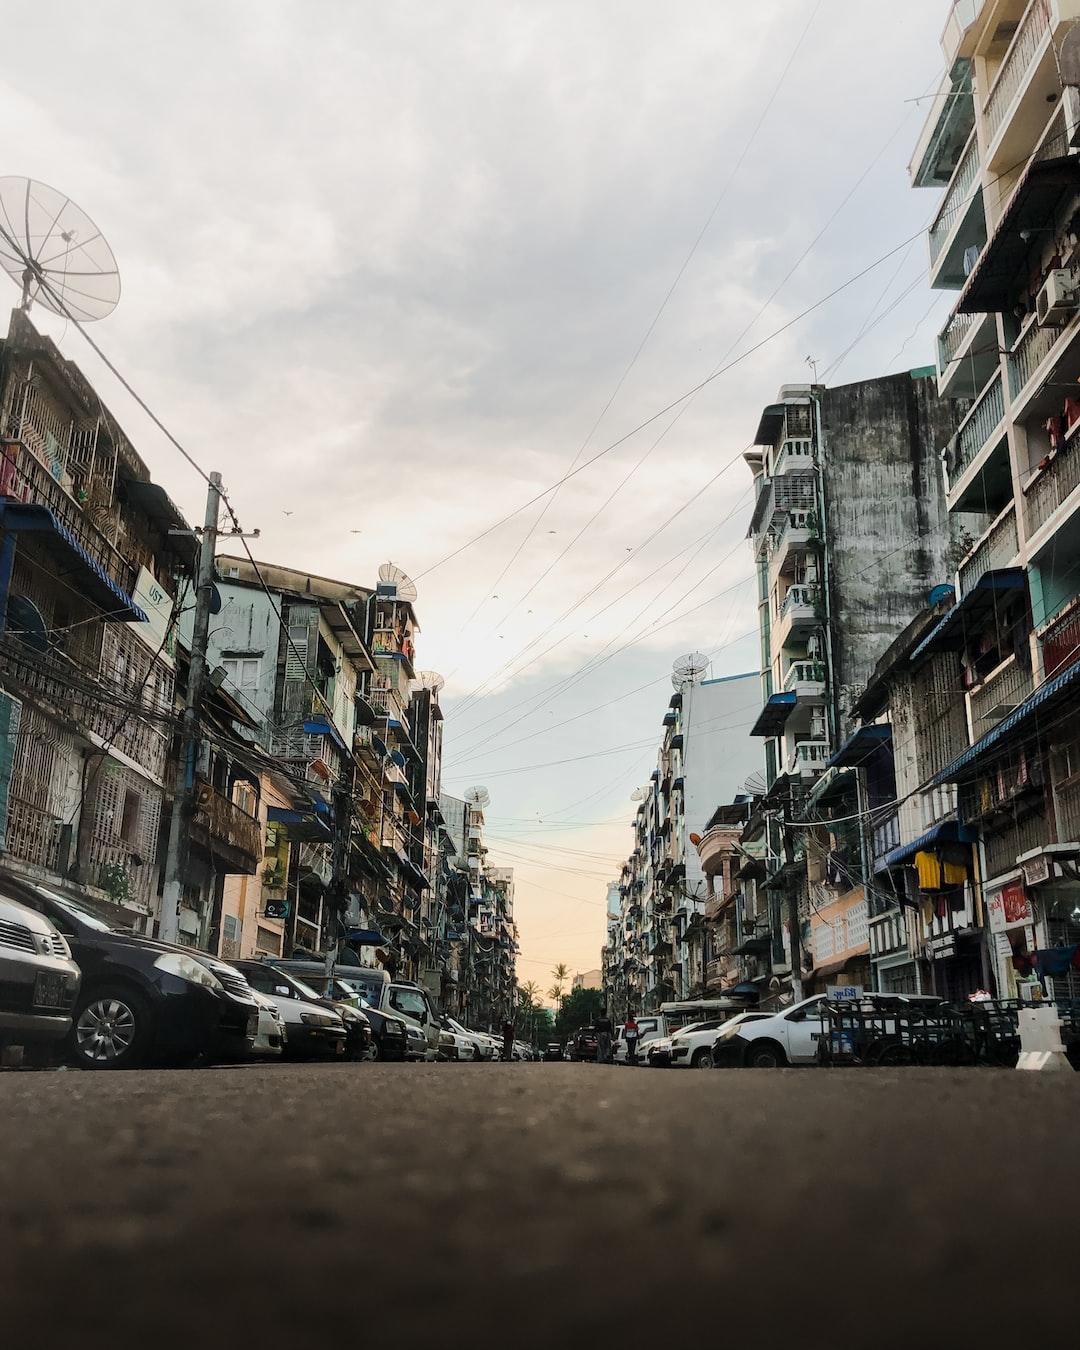 澳大利亚 – 拜登正式宣布制裁缅甸军方,要求释放昂山素季   澳洲唐人街